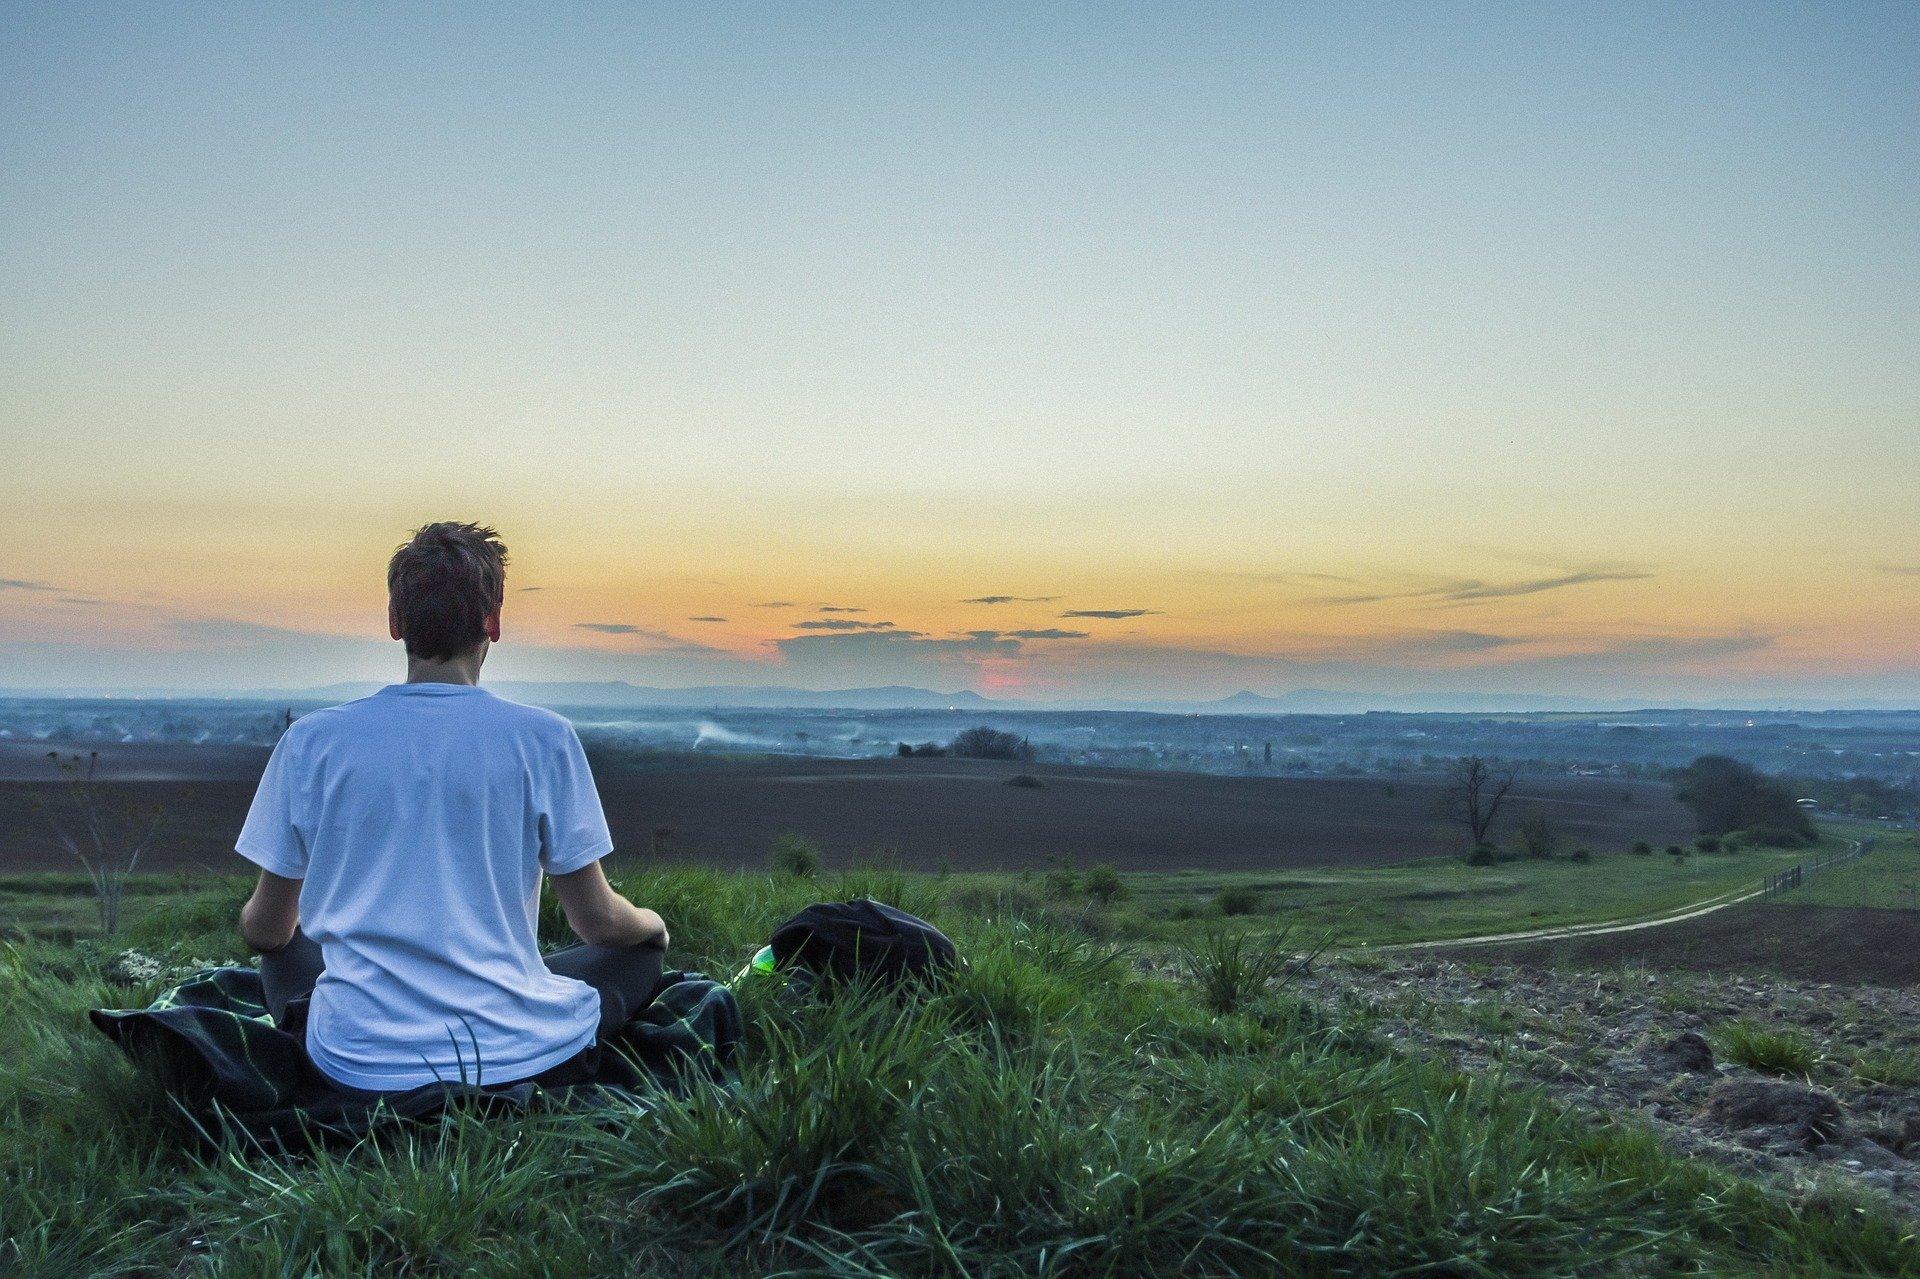 20191028 Field Meditation